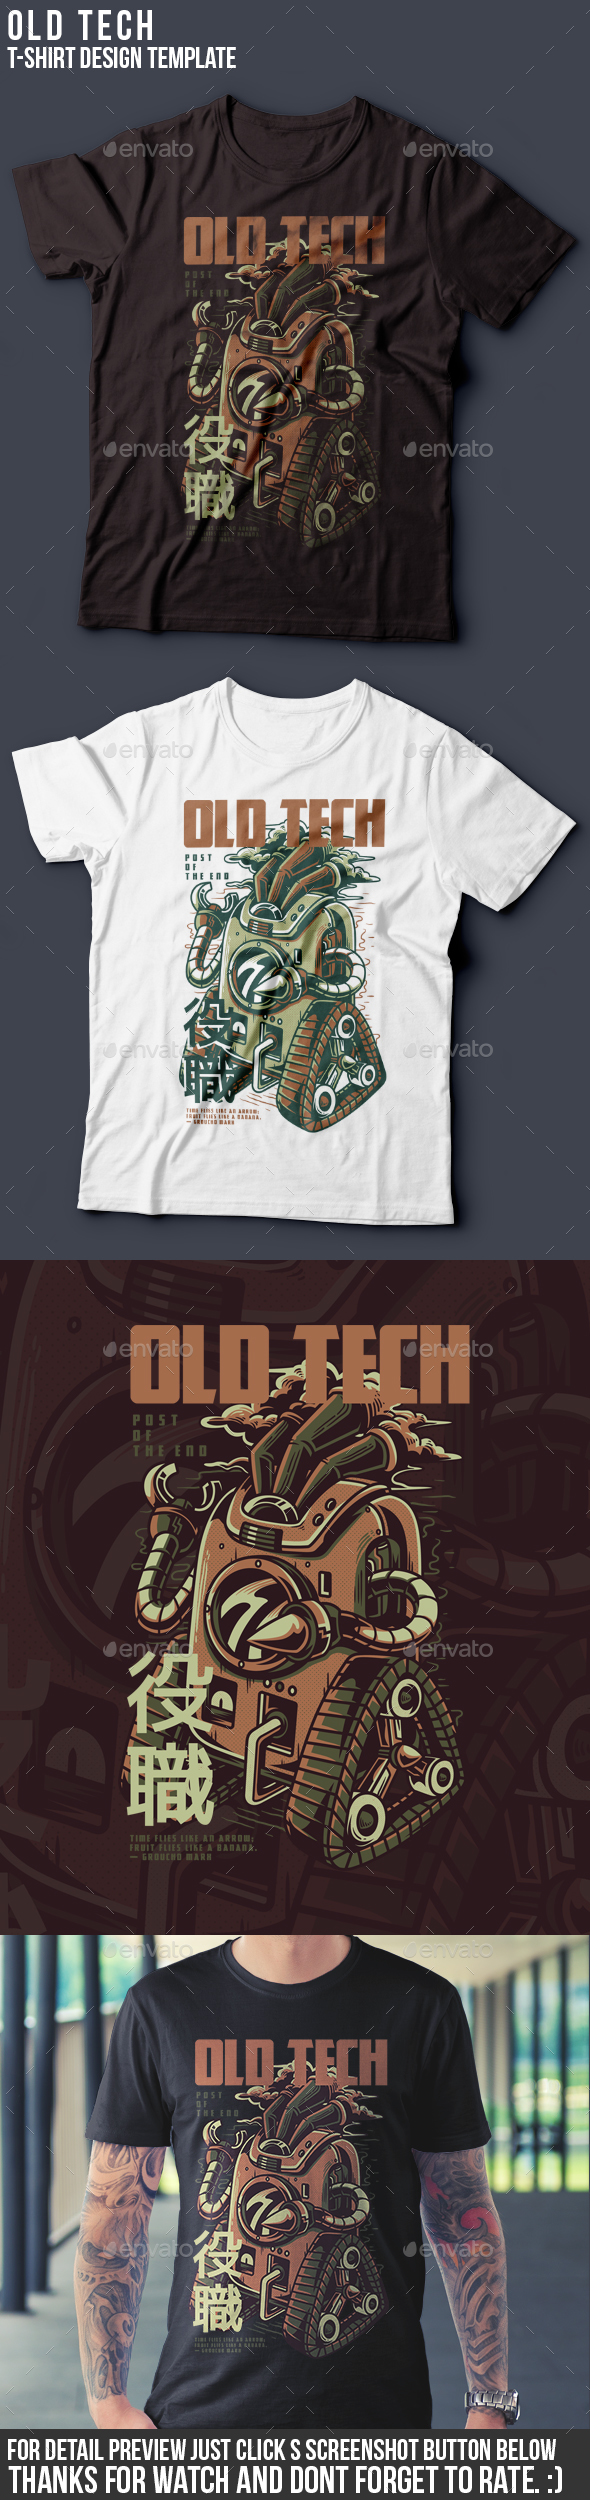 Old Tech T-Shirt Design